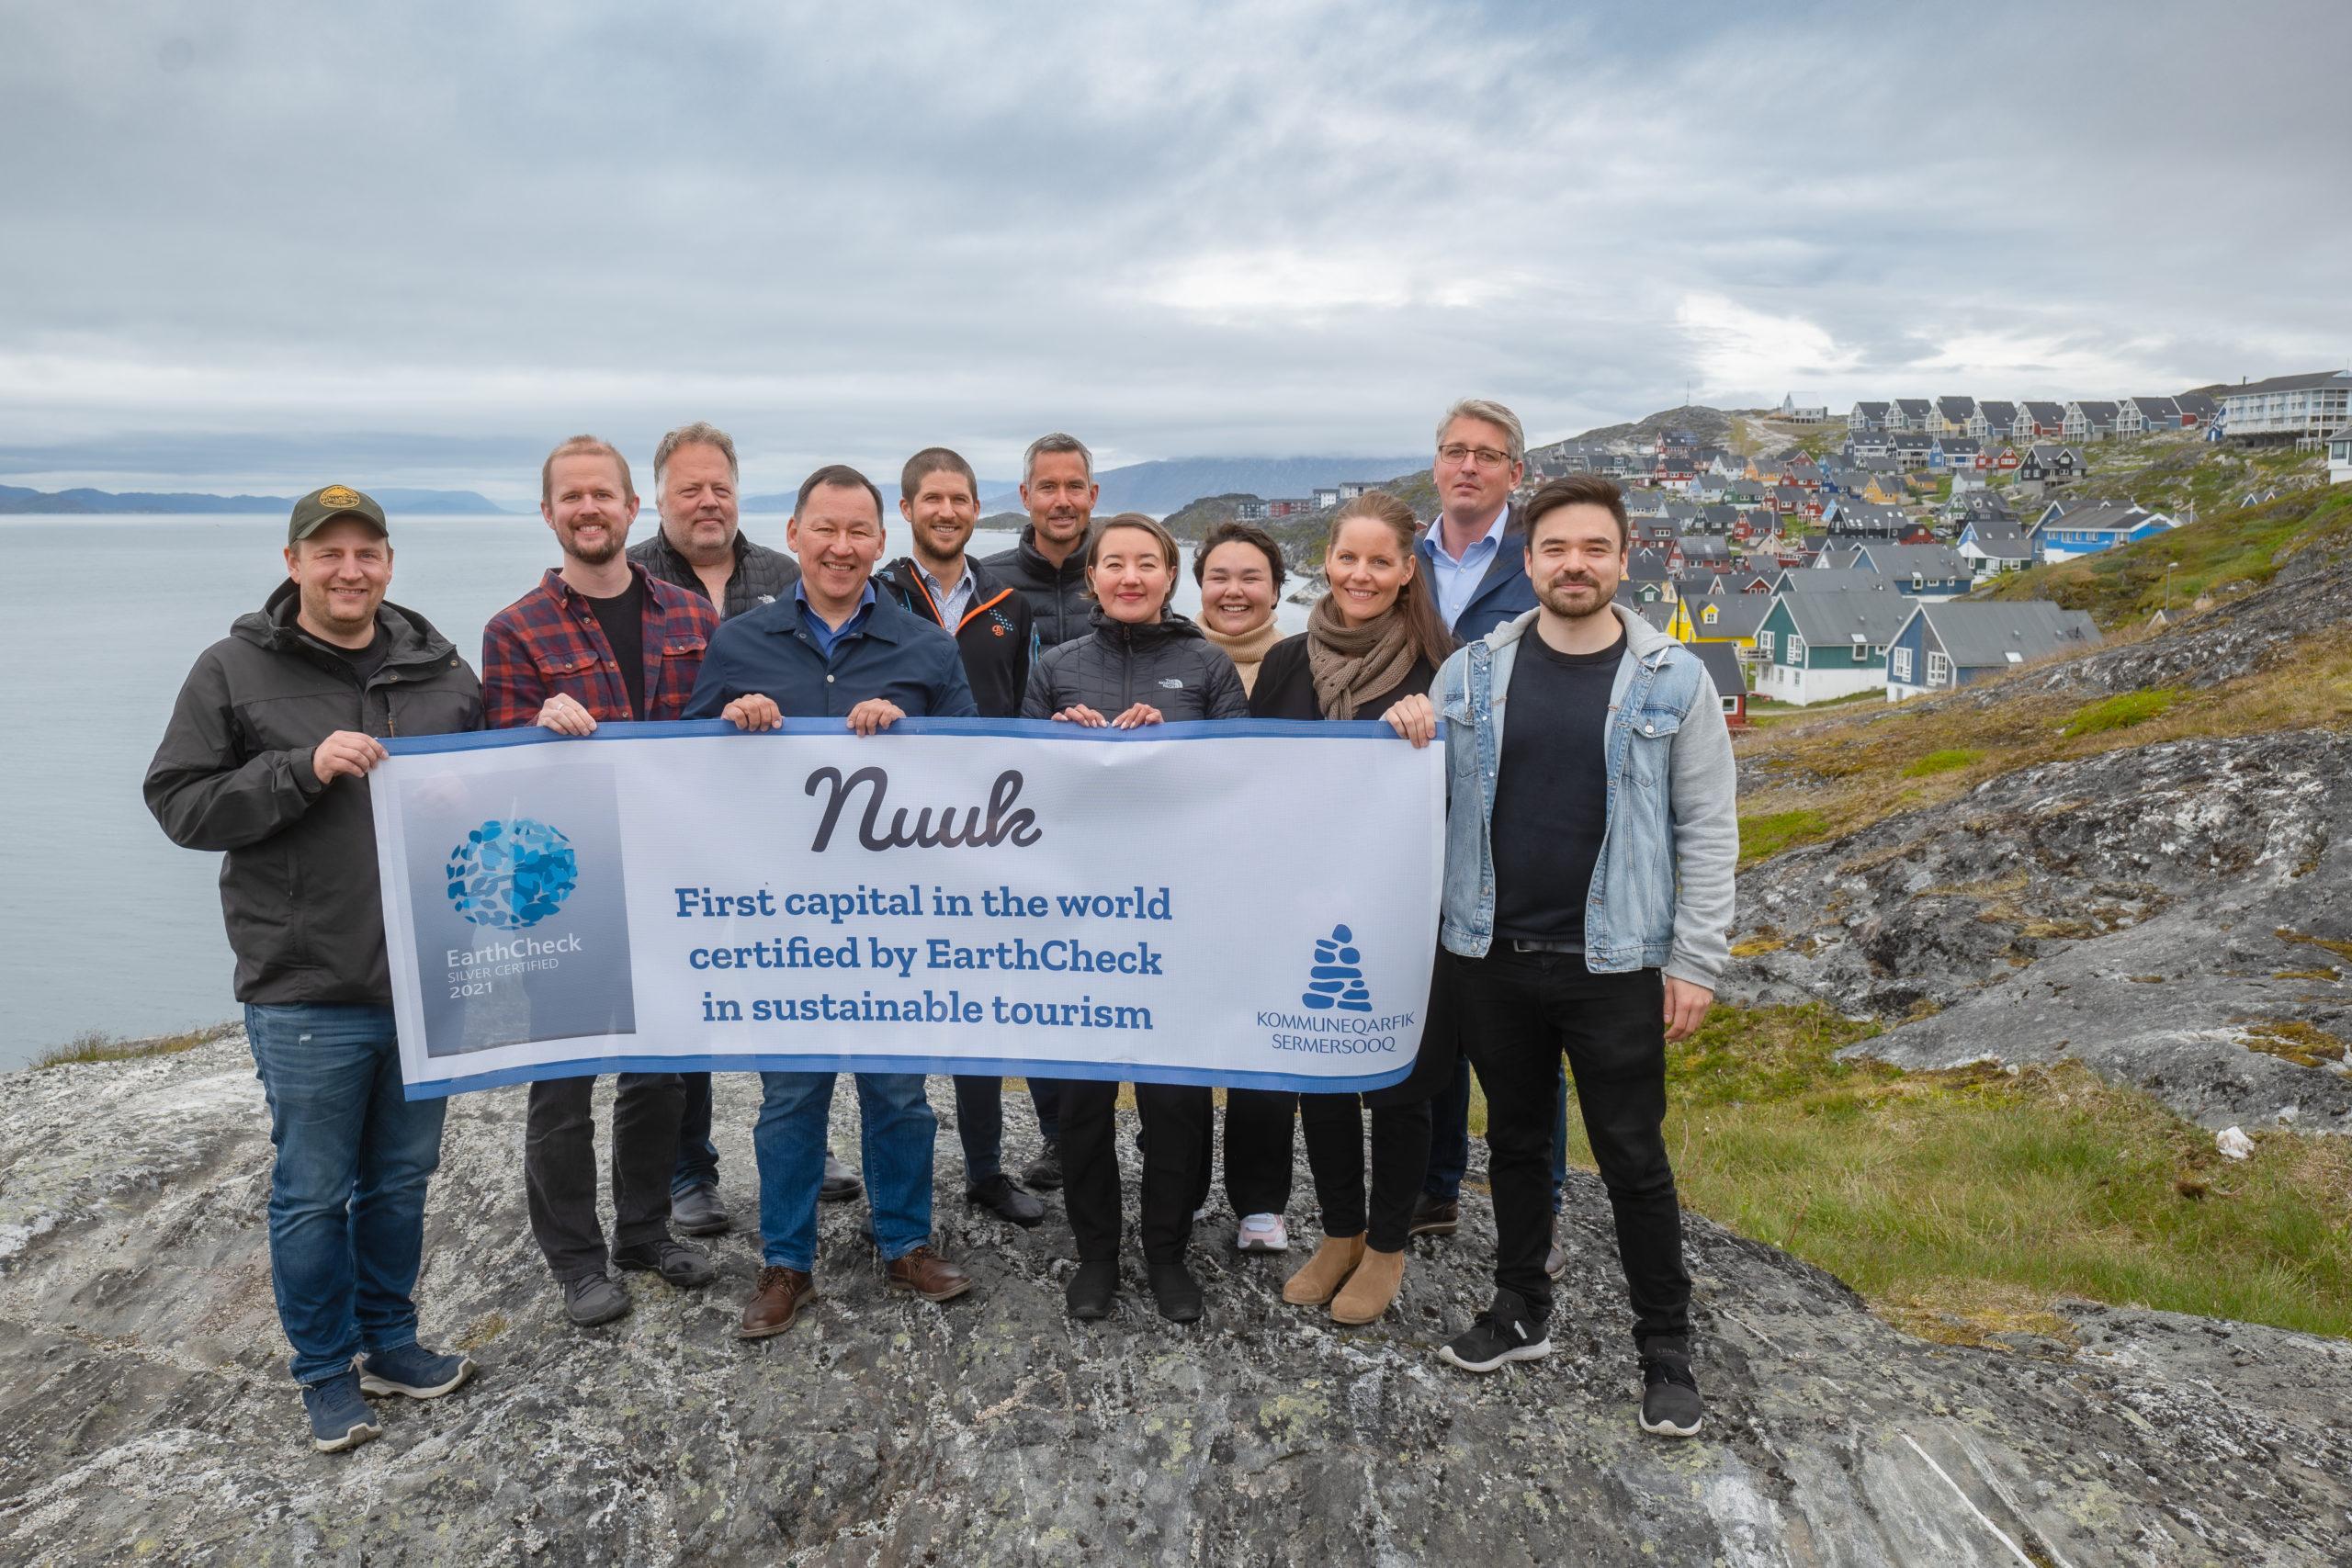 Nuuk bliver den første bæredygtige hovedstad i verden